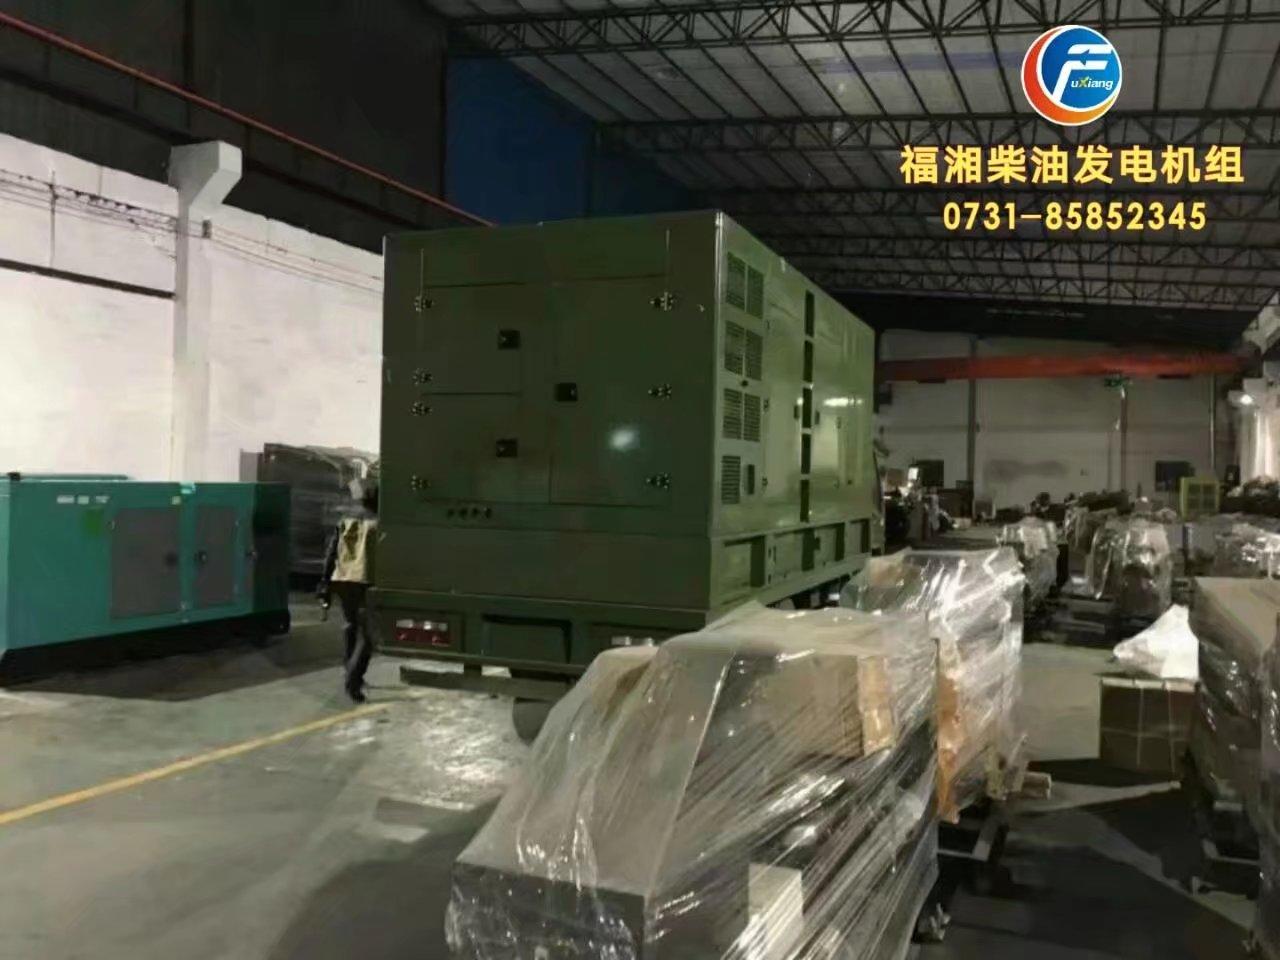 内销湖南福湘,供应长沙口碑好的湖南柴油发电机组